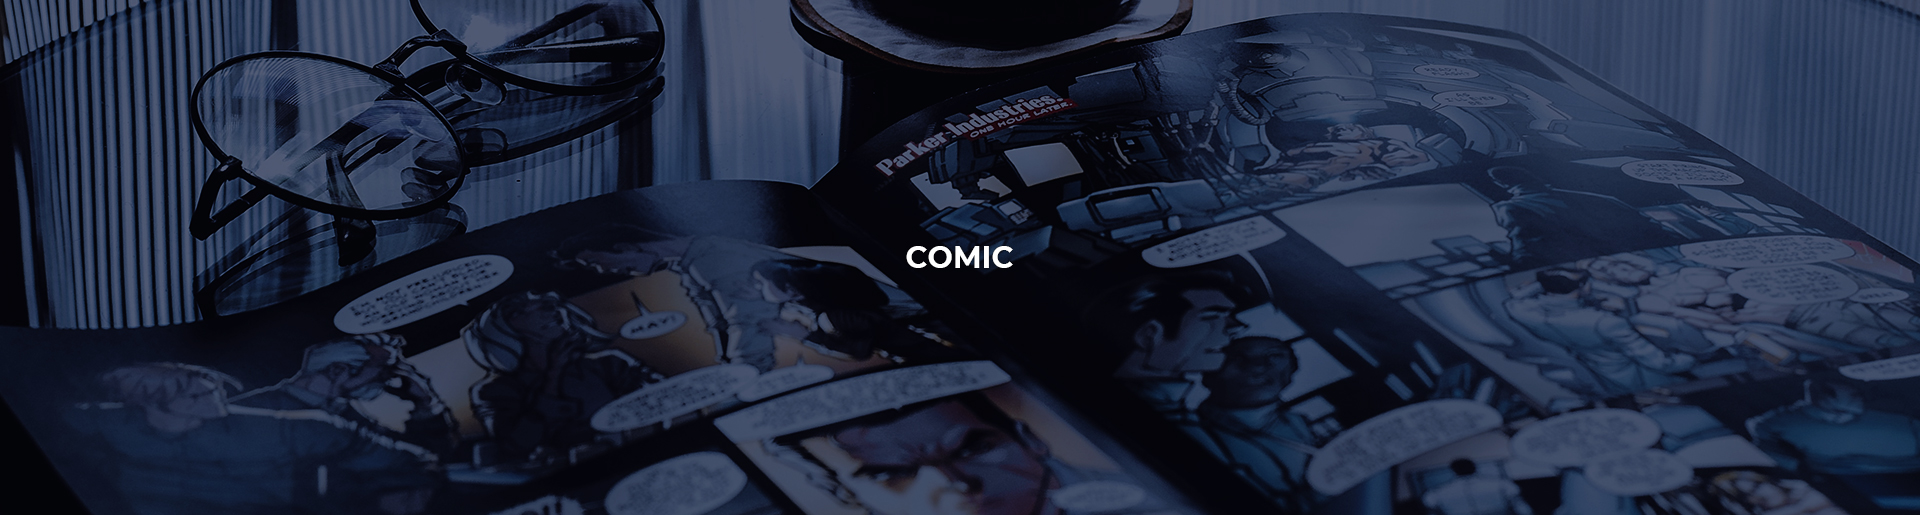 comic_t.jpg